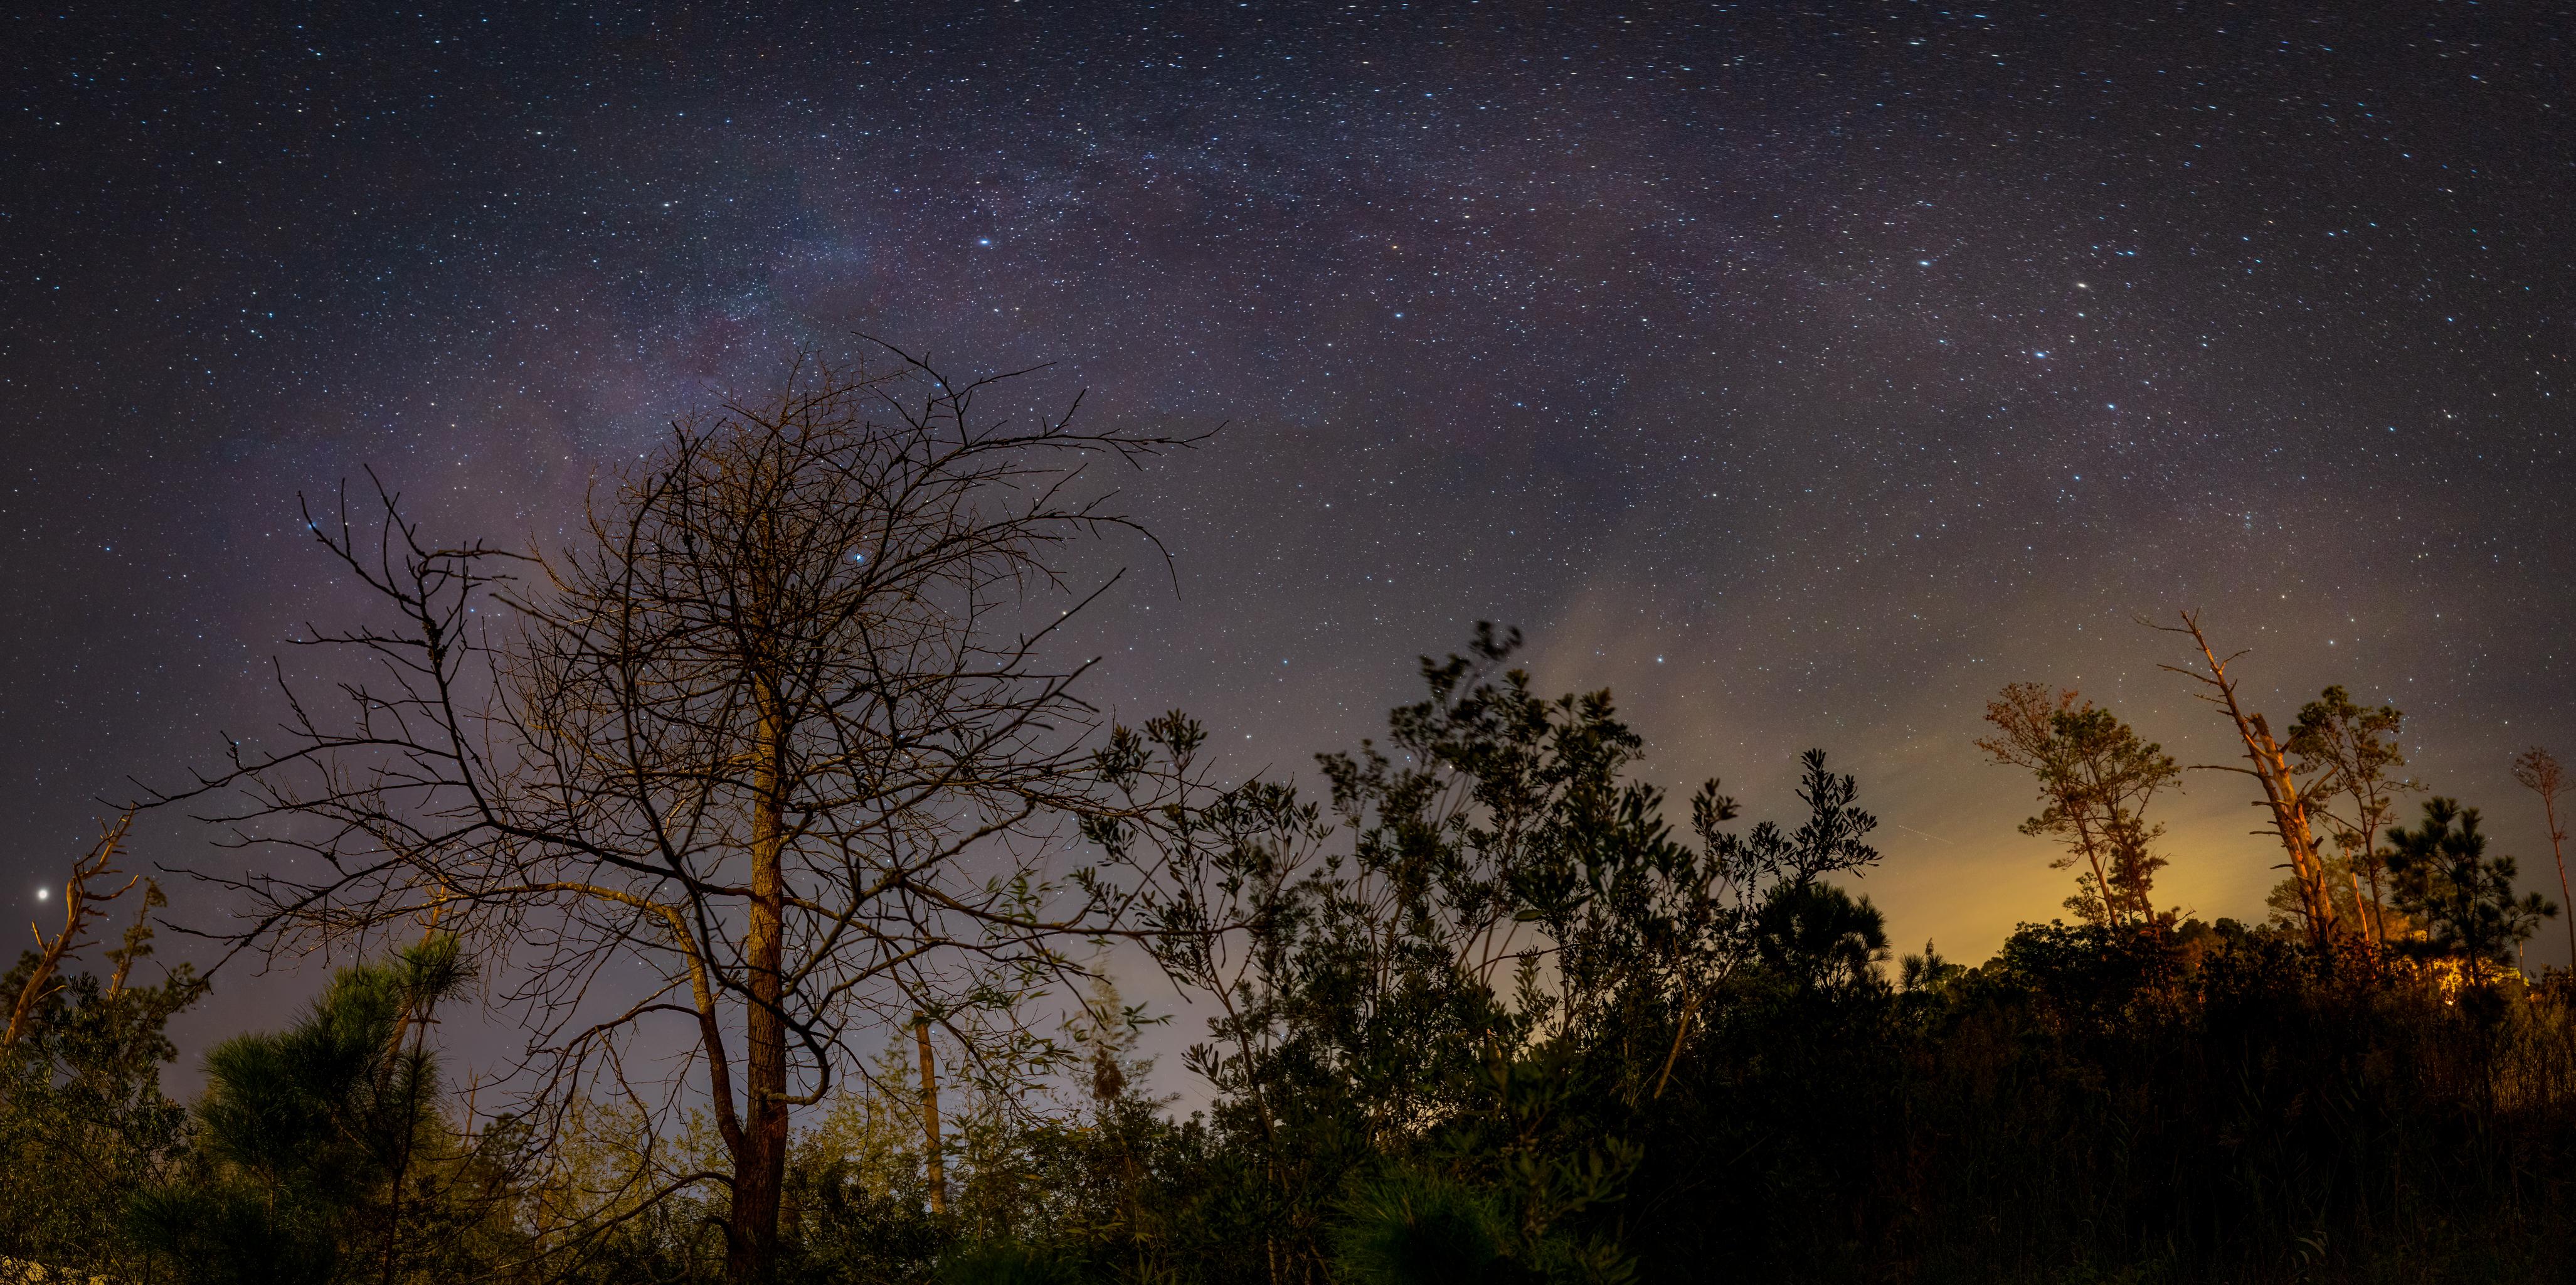 148848 скачать обои Темные, Дерево, Ветки, Ночь, Звездное Небо, Звезды - заставки и картинки бесплатно